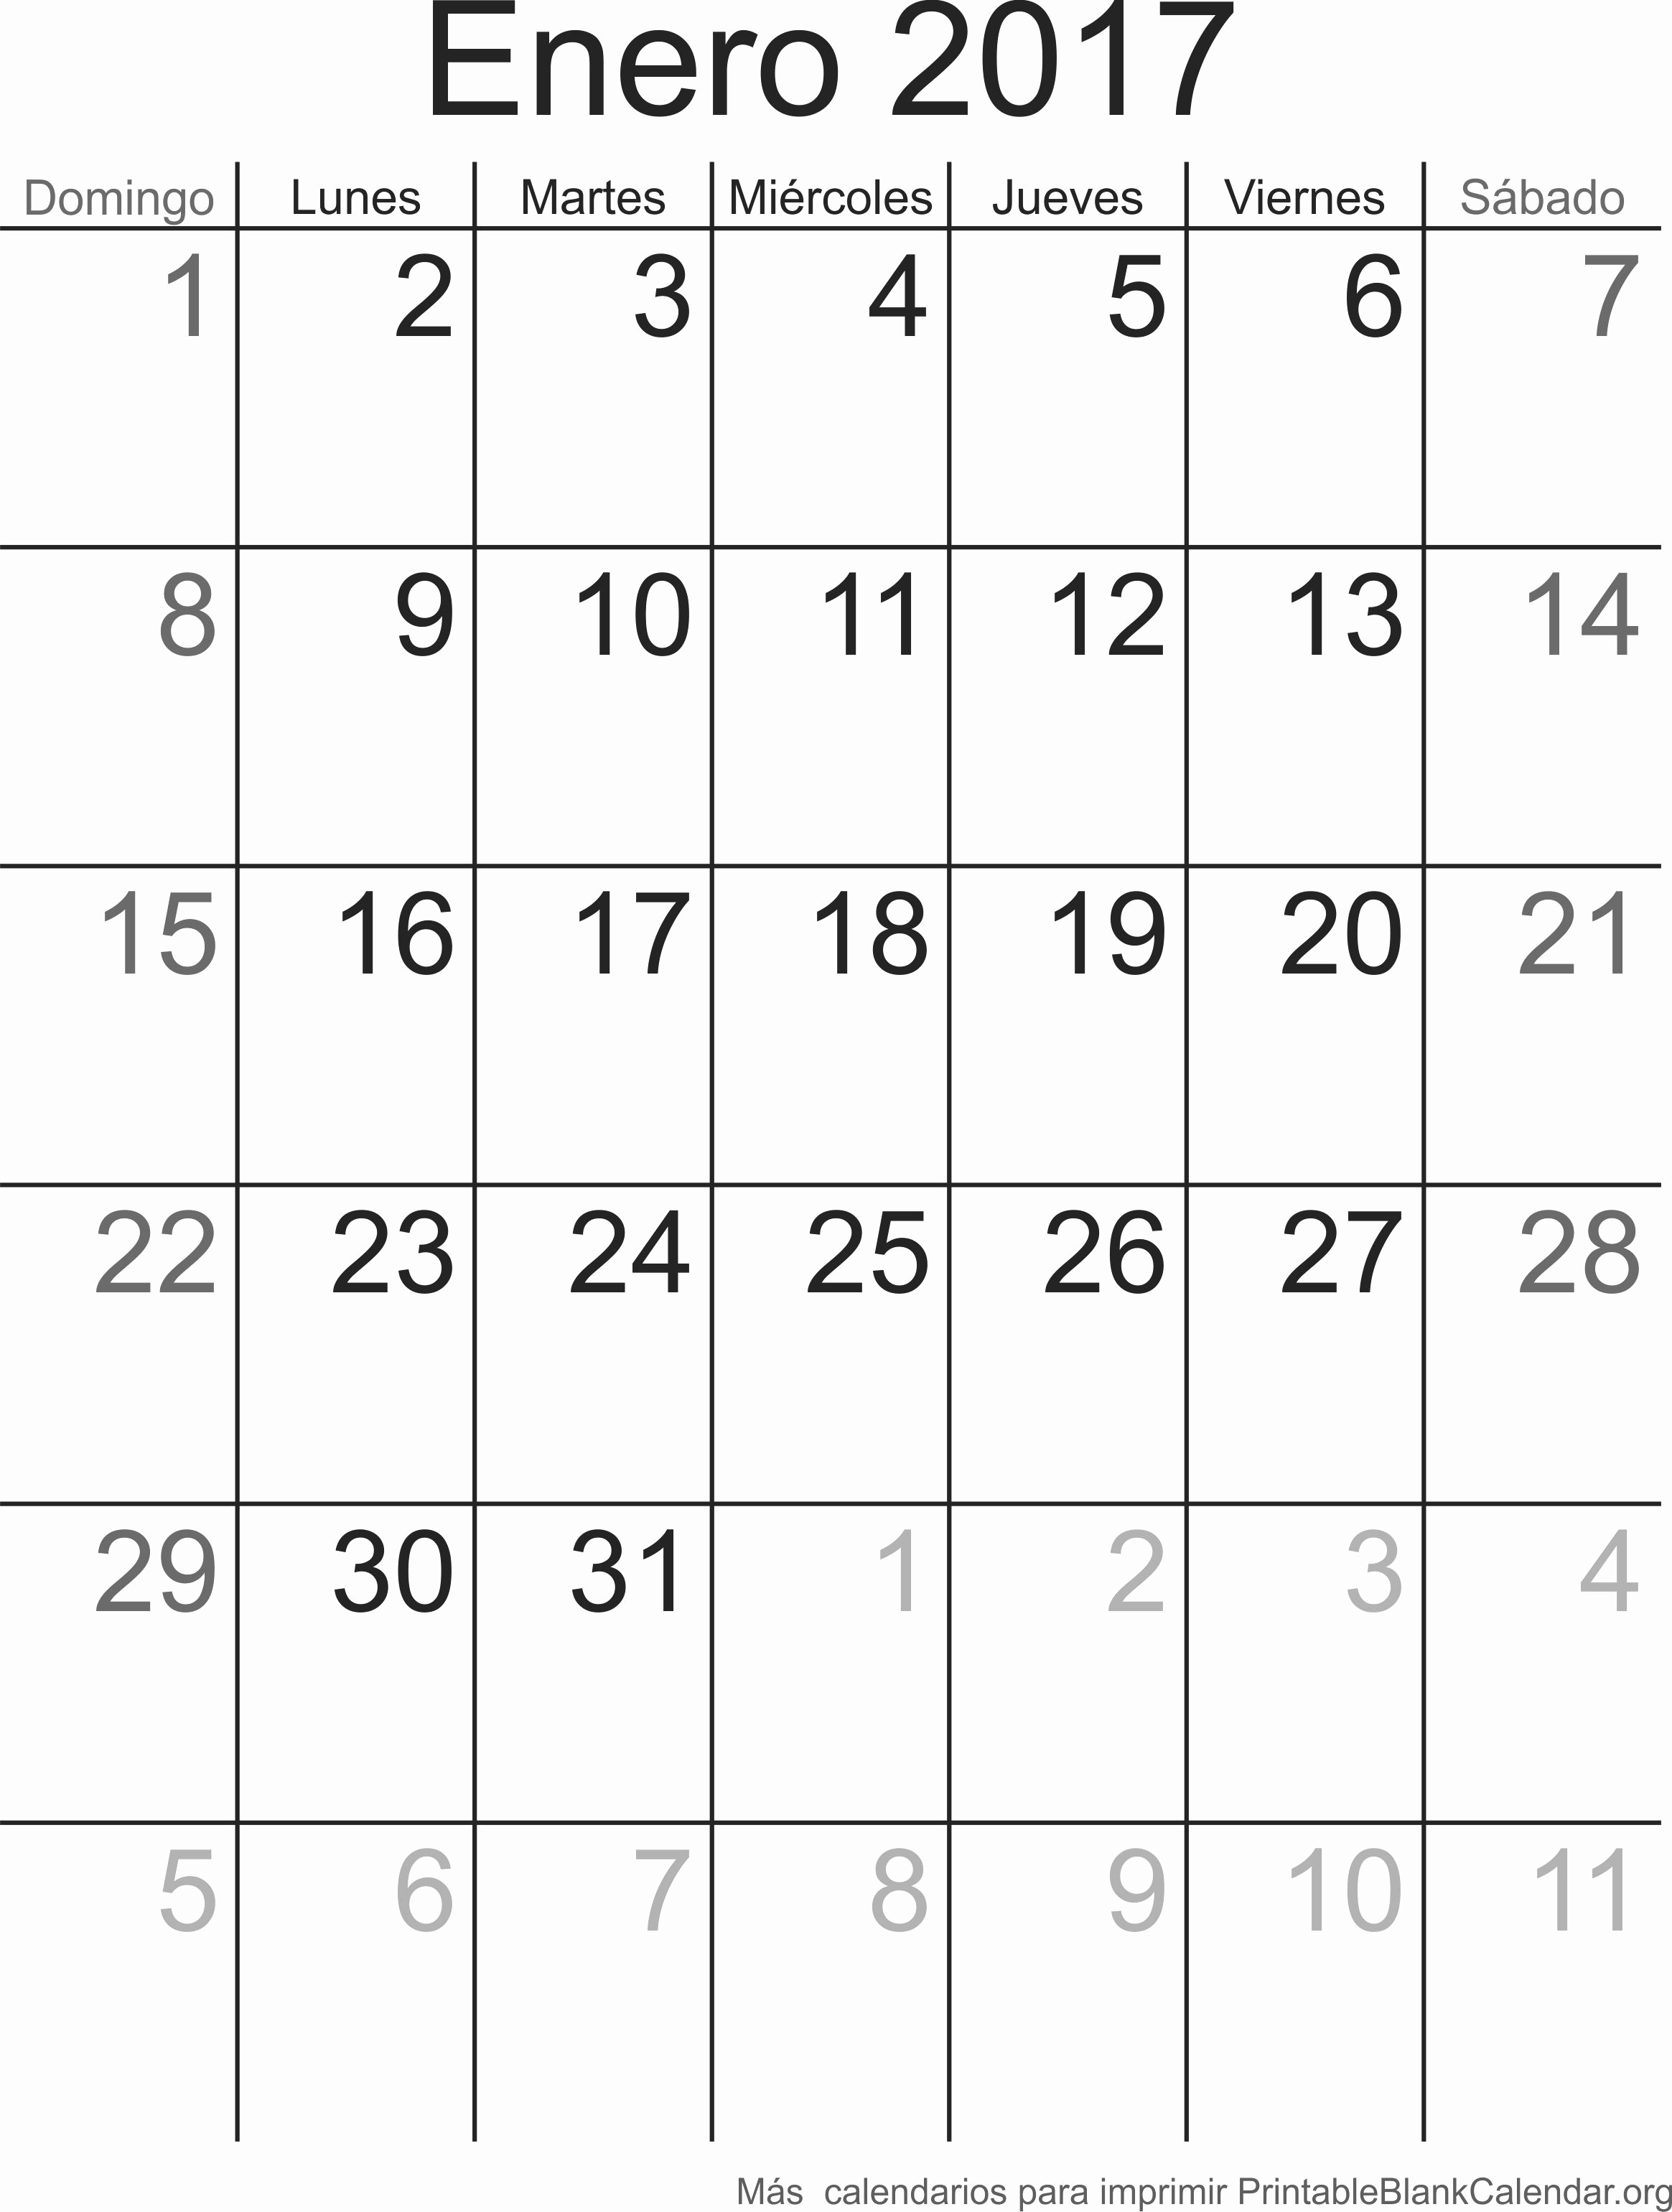 Calendario Anual 2017 Para Imprimir Inspirational Enero 2017 Calendario Para Imprimir Calendarios Para